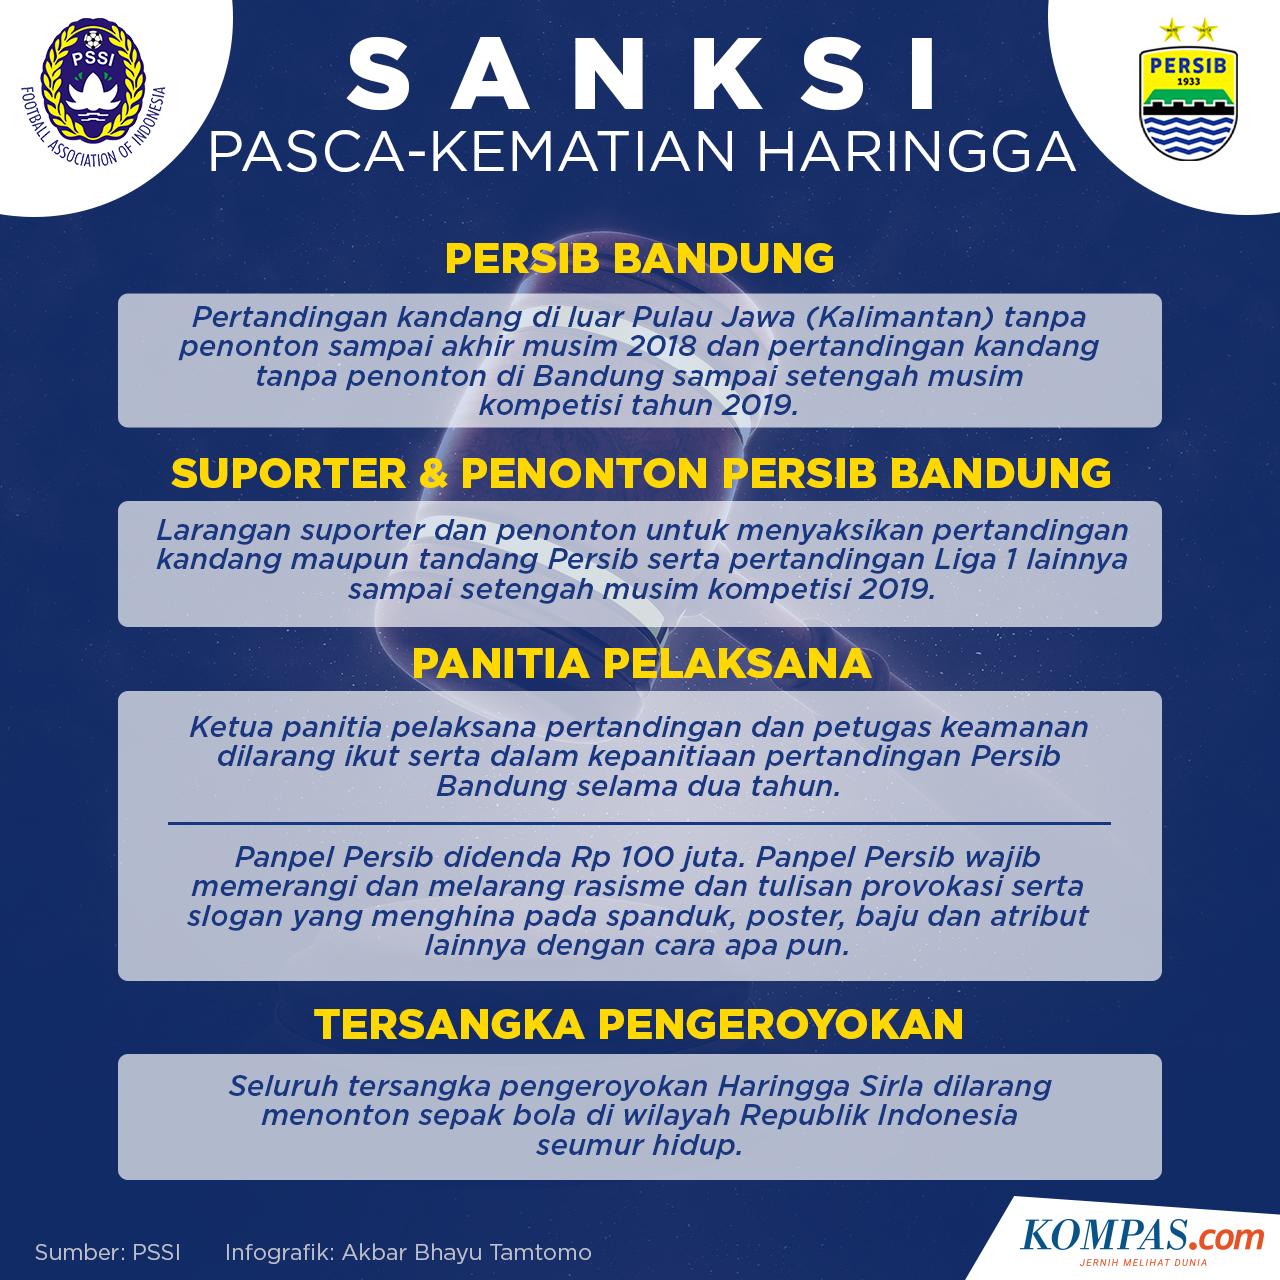 Panen Sanksi Ini Tanggapan Petinggi Persib Bandung